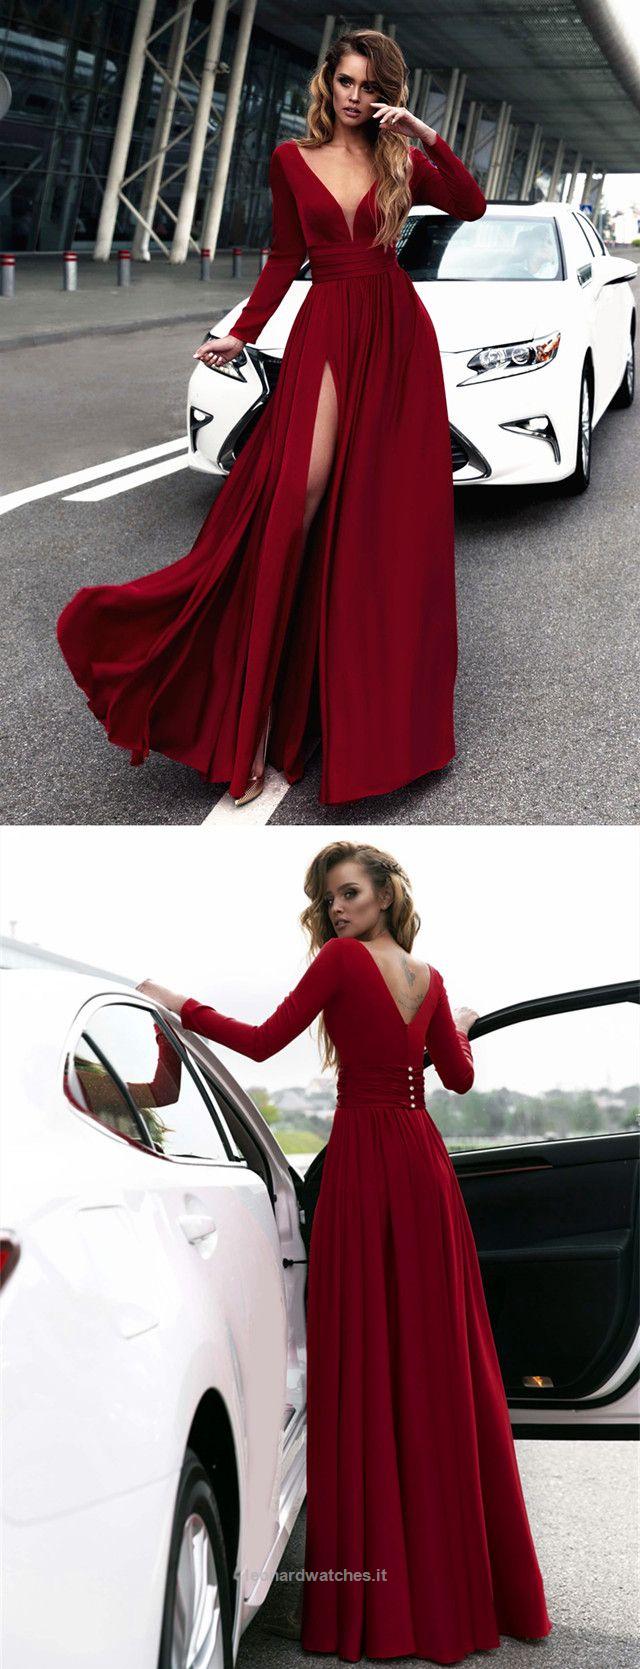 Pretty in velvet kleding idee bg pinterest prom gowns and